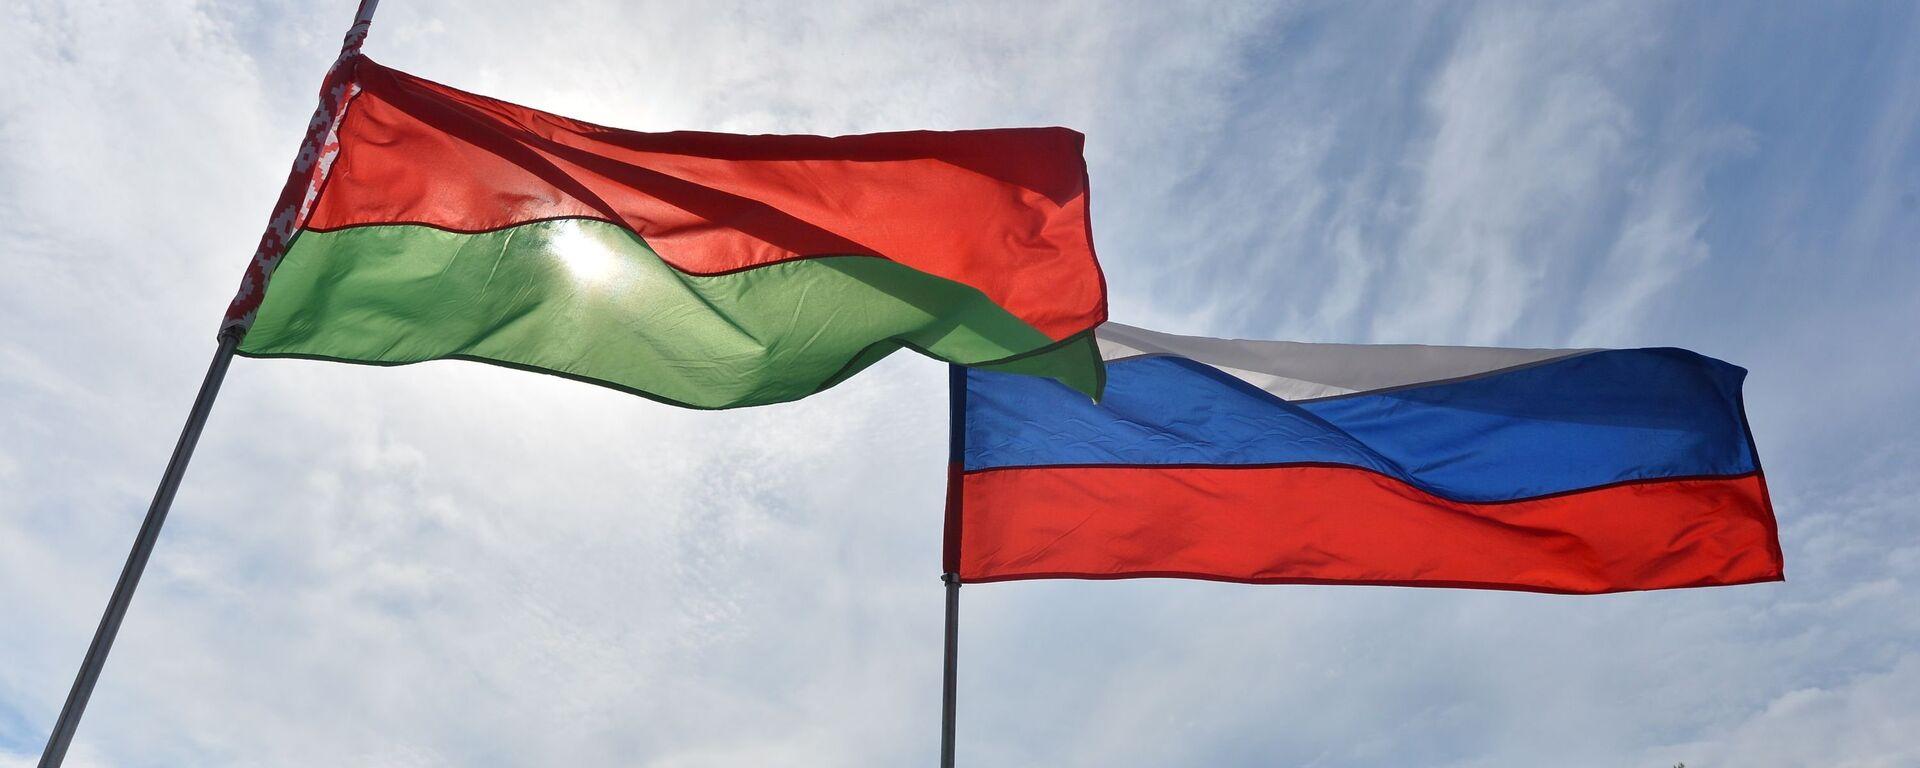 Флаги Беларуси и России на фестивале - Sputnik Беларусь, 1920, 13.09.2021